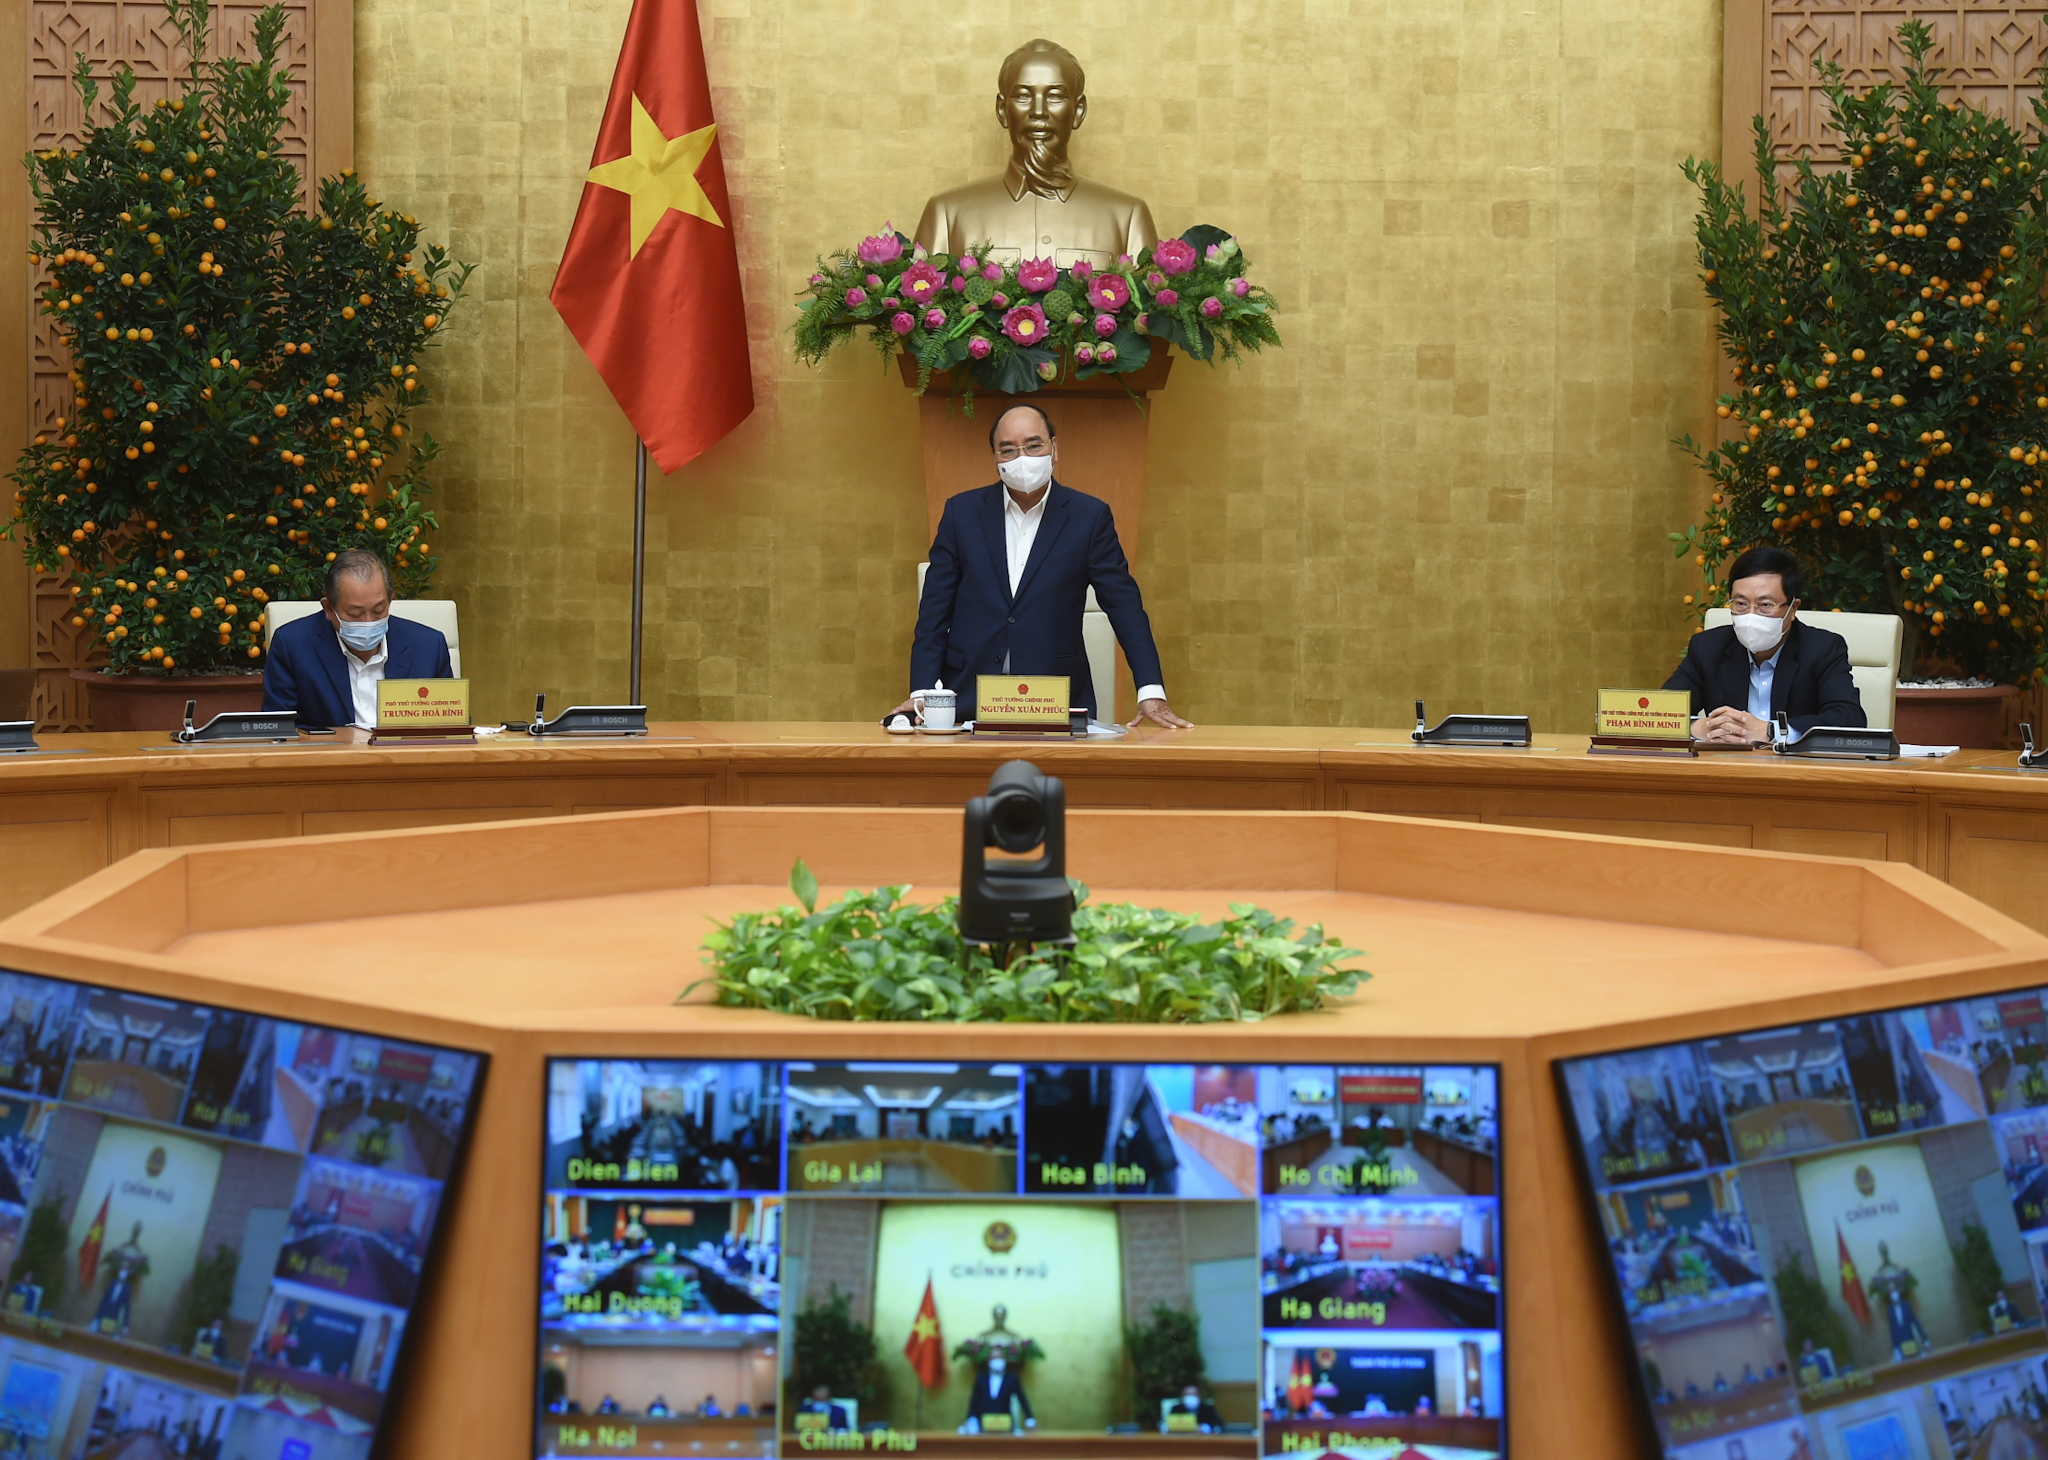 Thủ tướng đánh giá cao nỗ lực của Bộ Y tế thực hiện nghiêm túc yêu cầu của Bộ Chính trị, của Thủ tướng Chính phủ khi gần 117.000 liều vaccine đã về đến Việt Nam để sớm đưa vào tiêm chủng cho người dân. Ảnh: VGP/Quang Hiếu